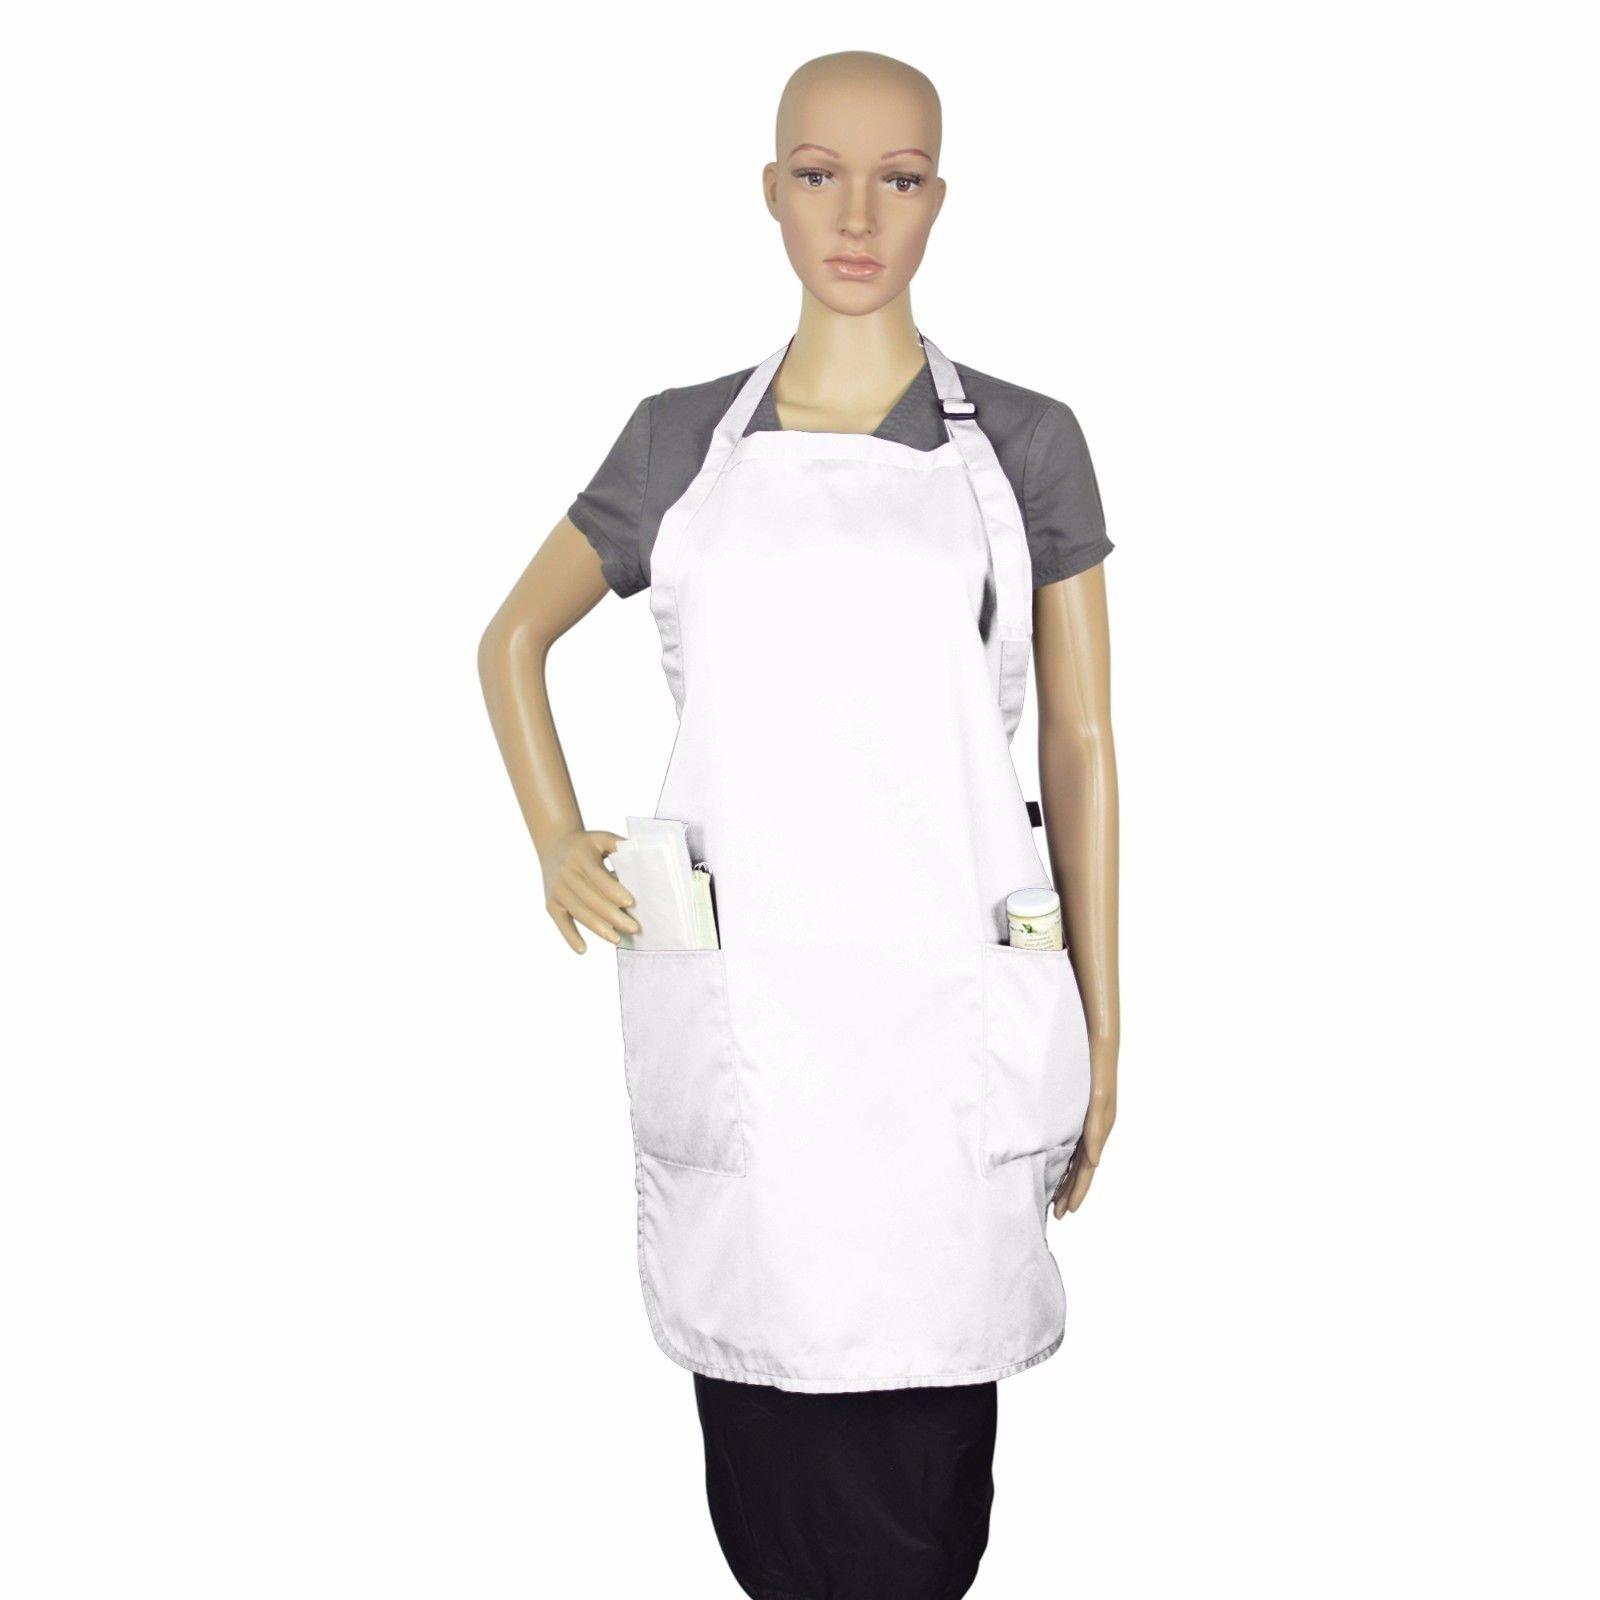 Apron Bib Commercial Restaurant Home Bib Spun Poly Cotton Kitchen Aprons (2 Pockets) (36, White)